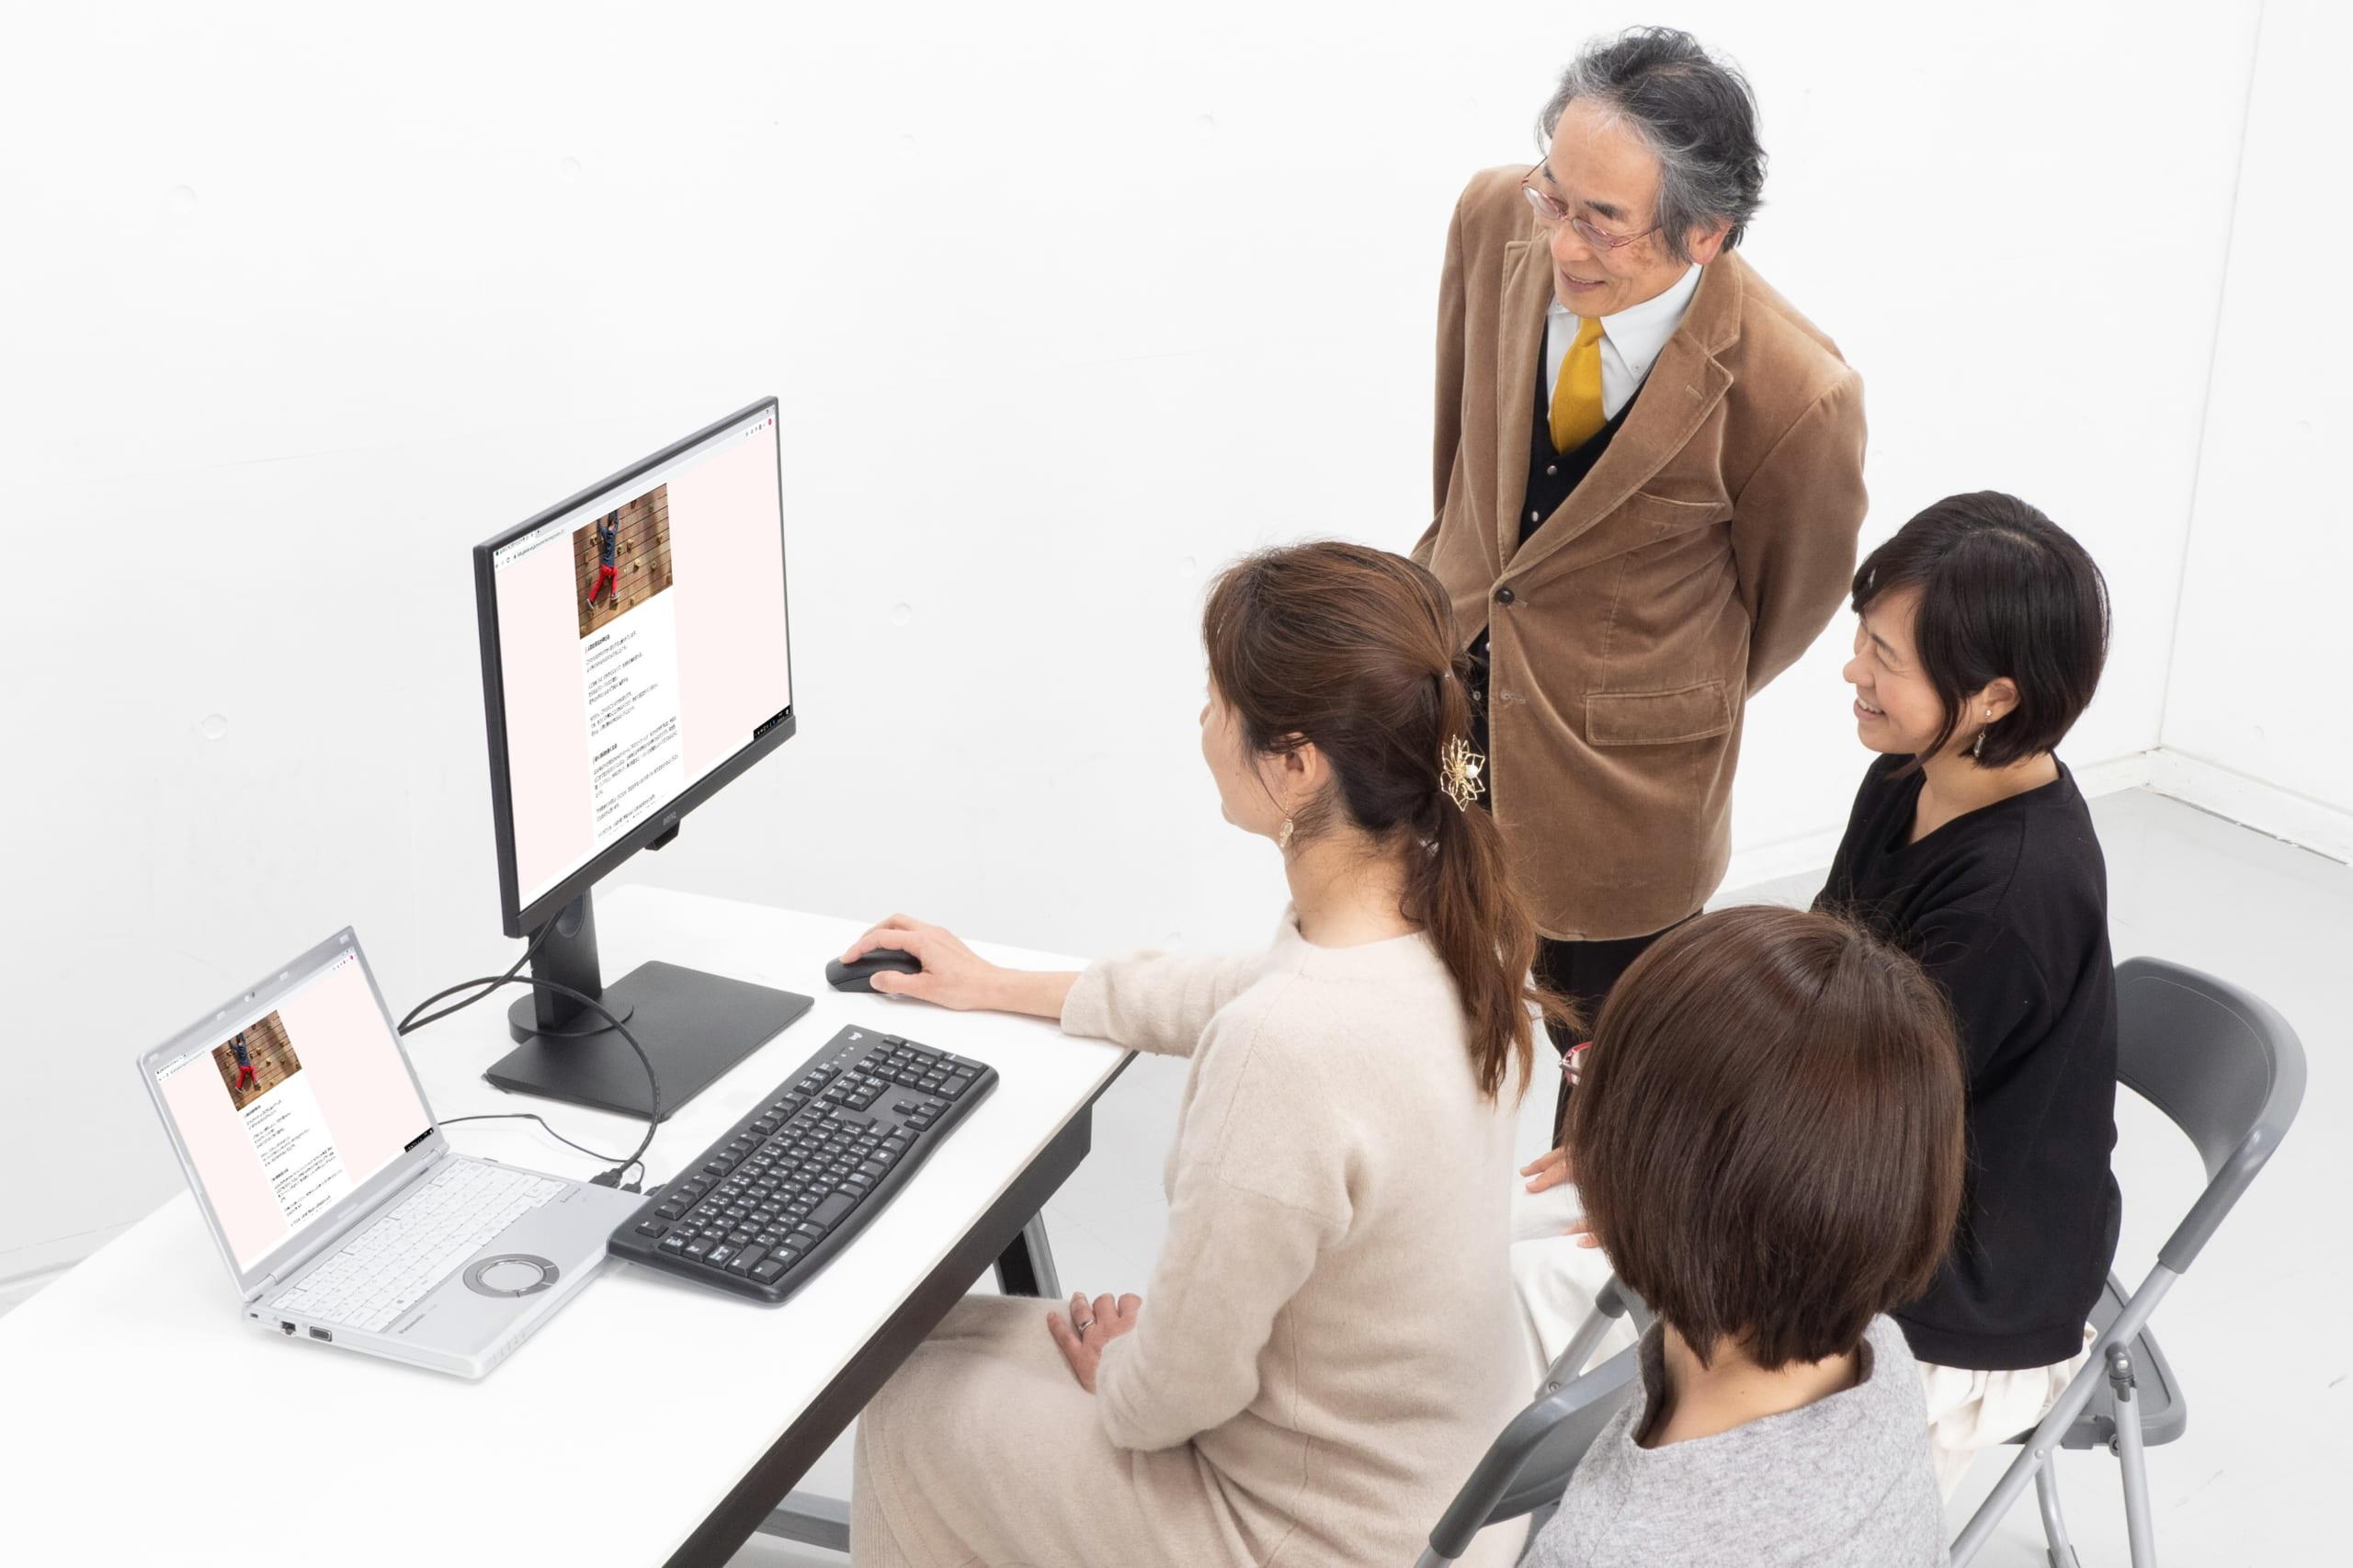 教育評論家×保護者座談会「家庭のパソコン環境は、アイケアモニターがカギ!」